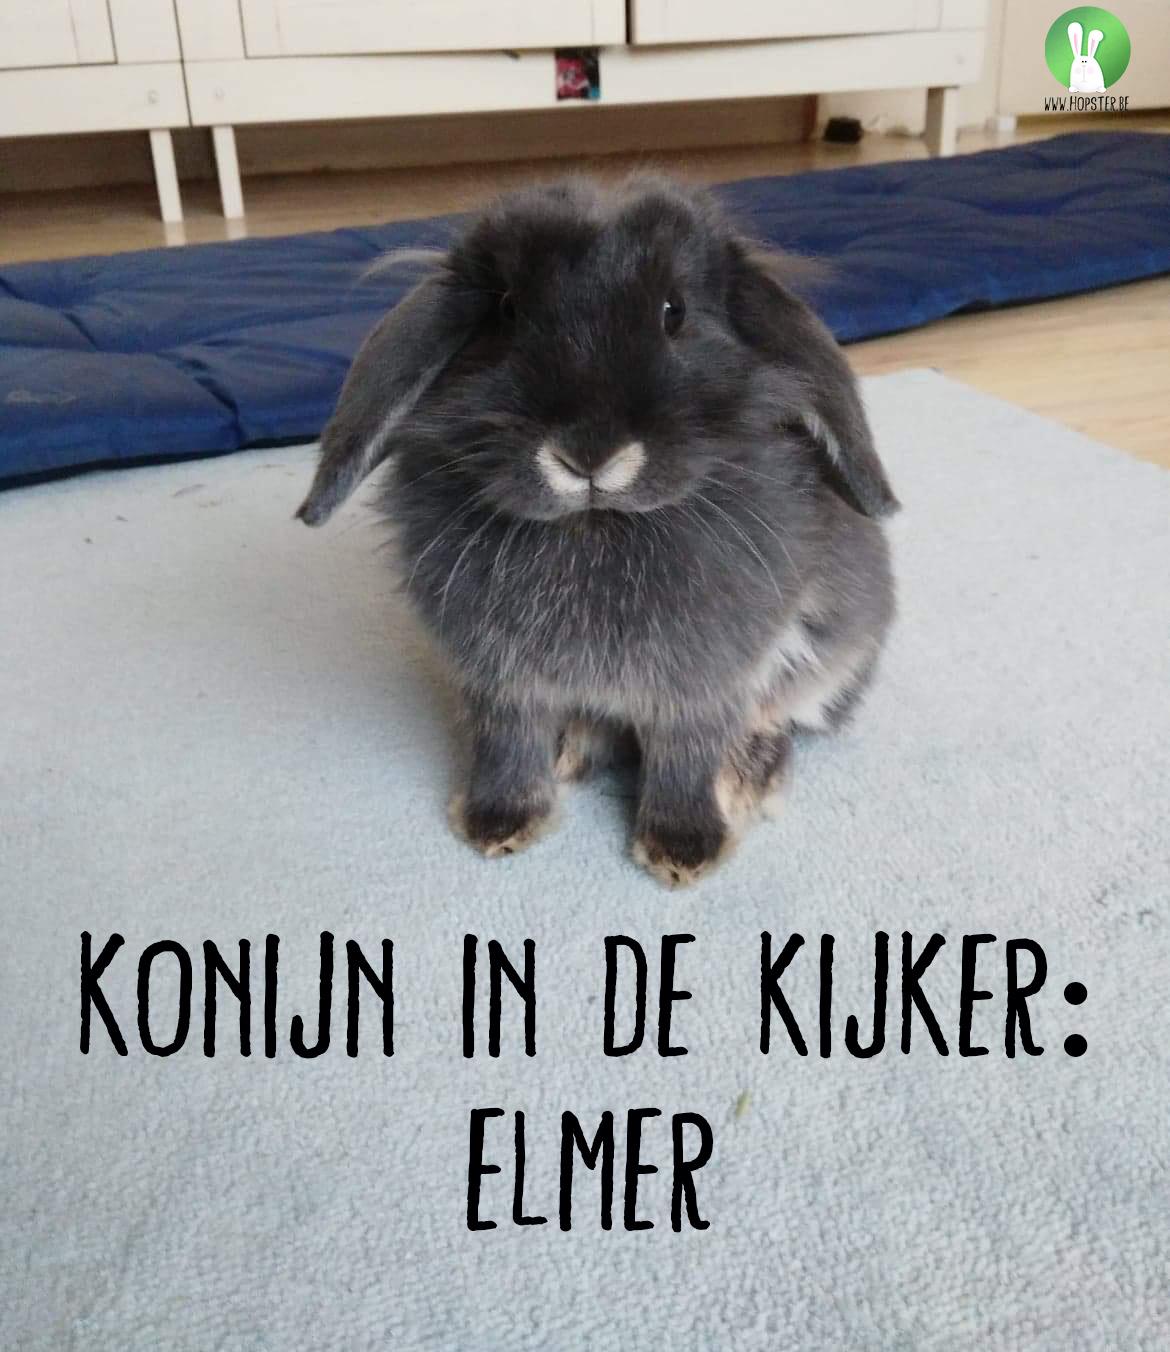 Konijn in de kijker: Elmer | Konijnenadviesbureau Hopster